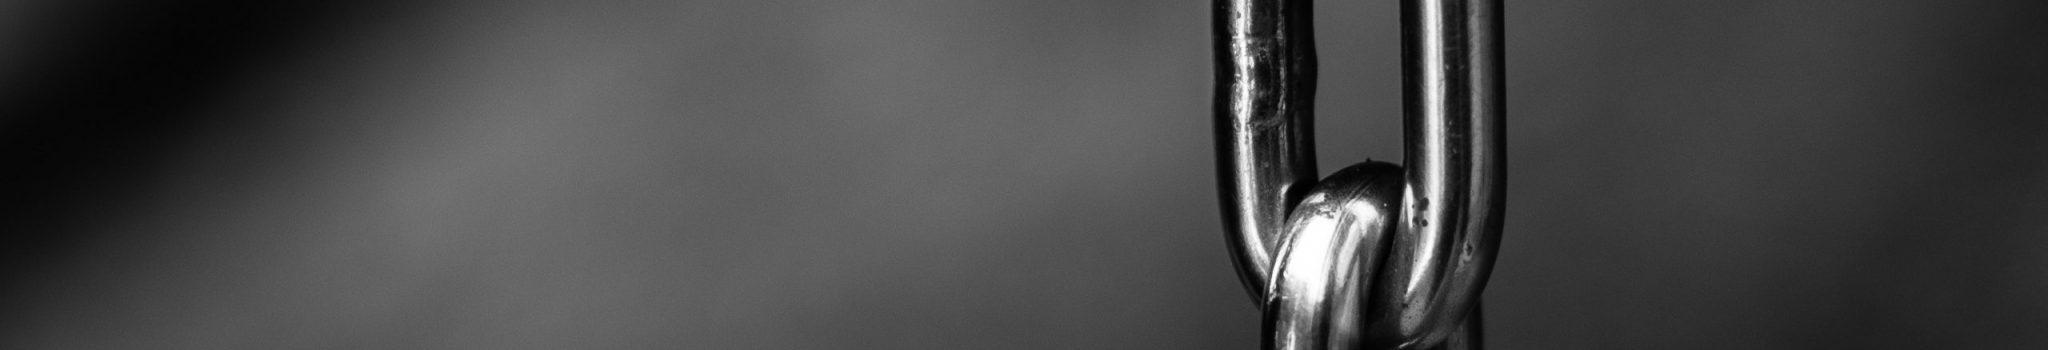 blur-chains-chrome-close-up-220237